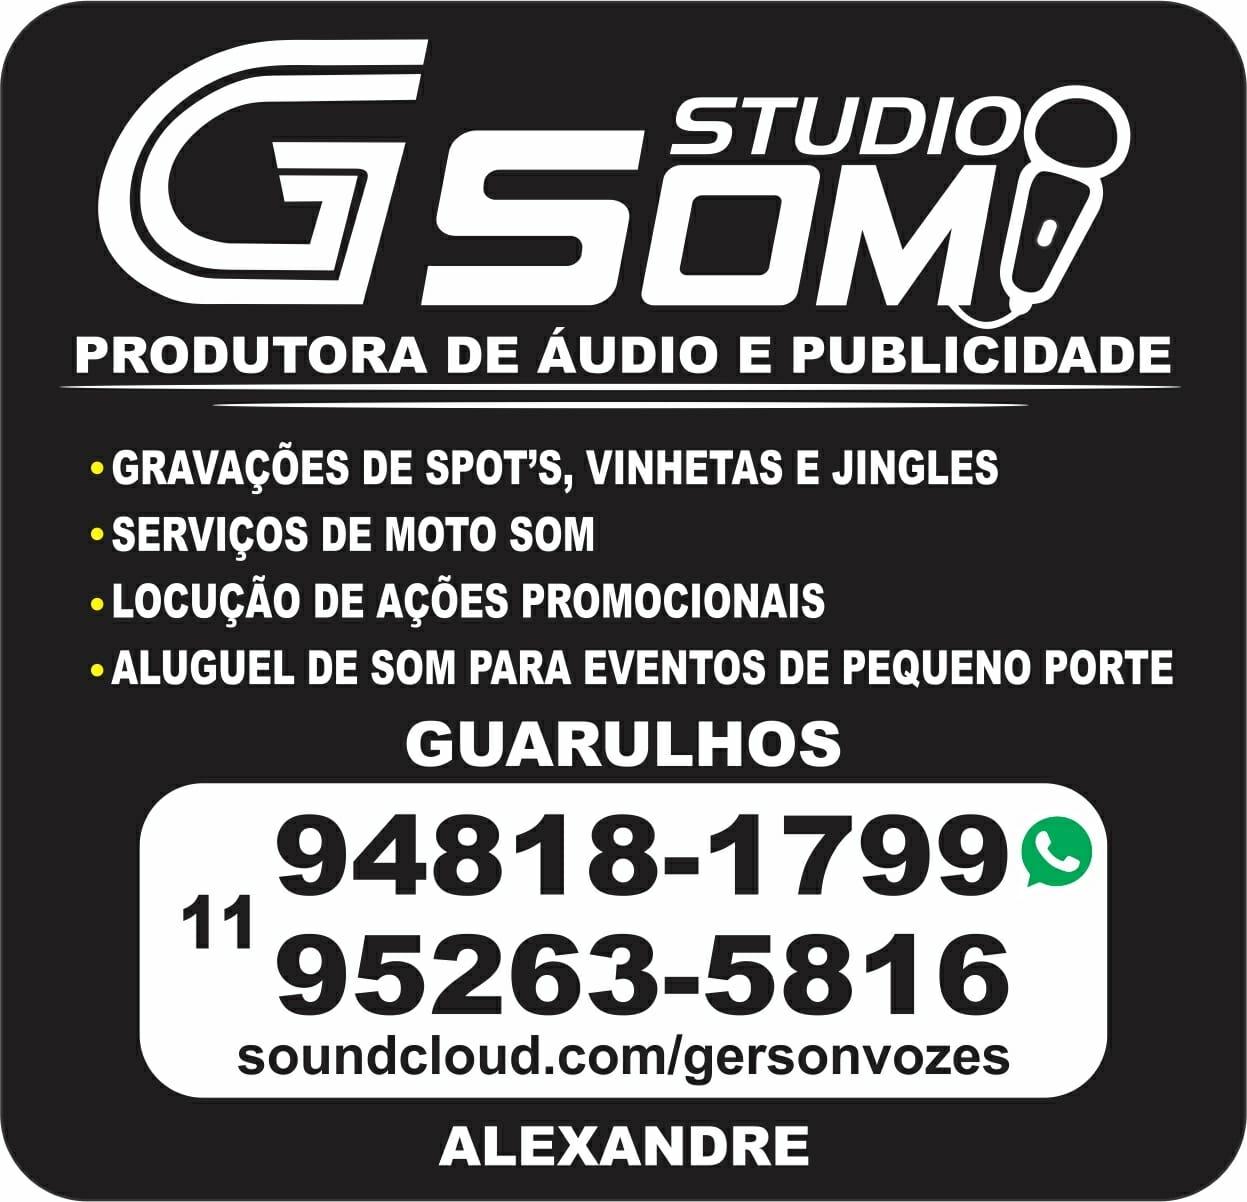 G-SOM STUDIO PRODUTORA DE AUDIO E PUBLICIDADE